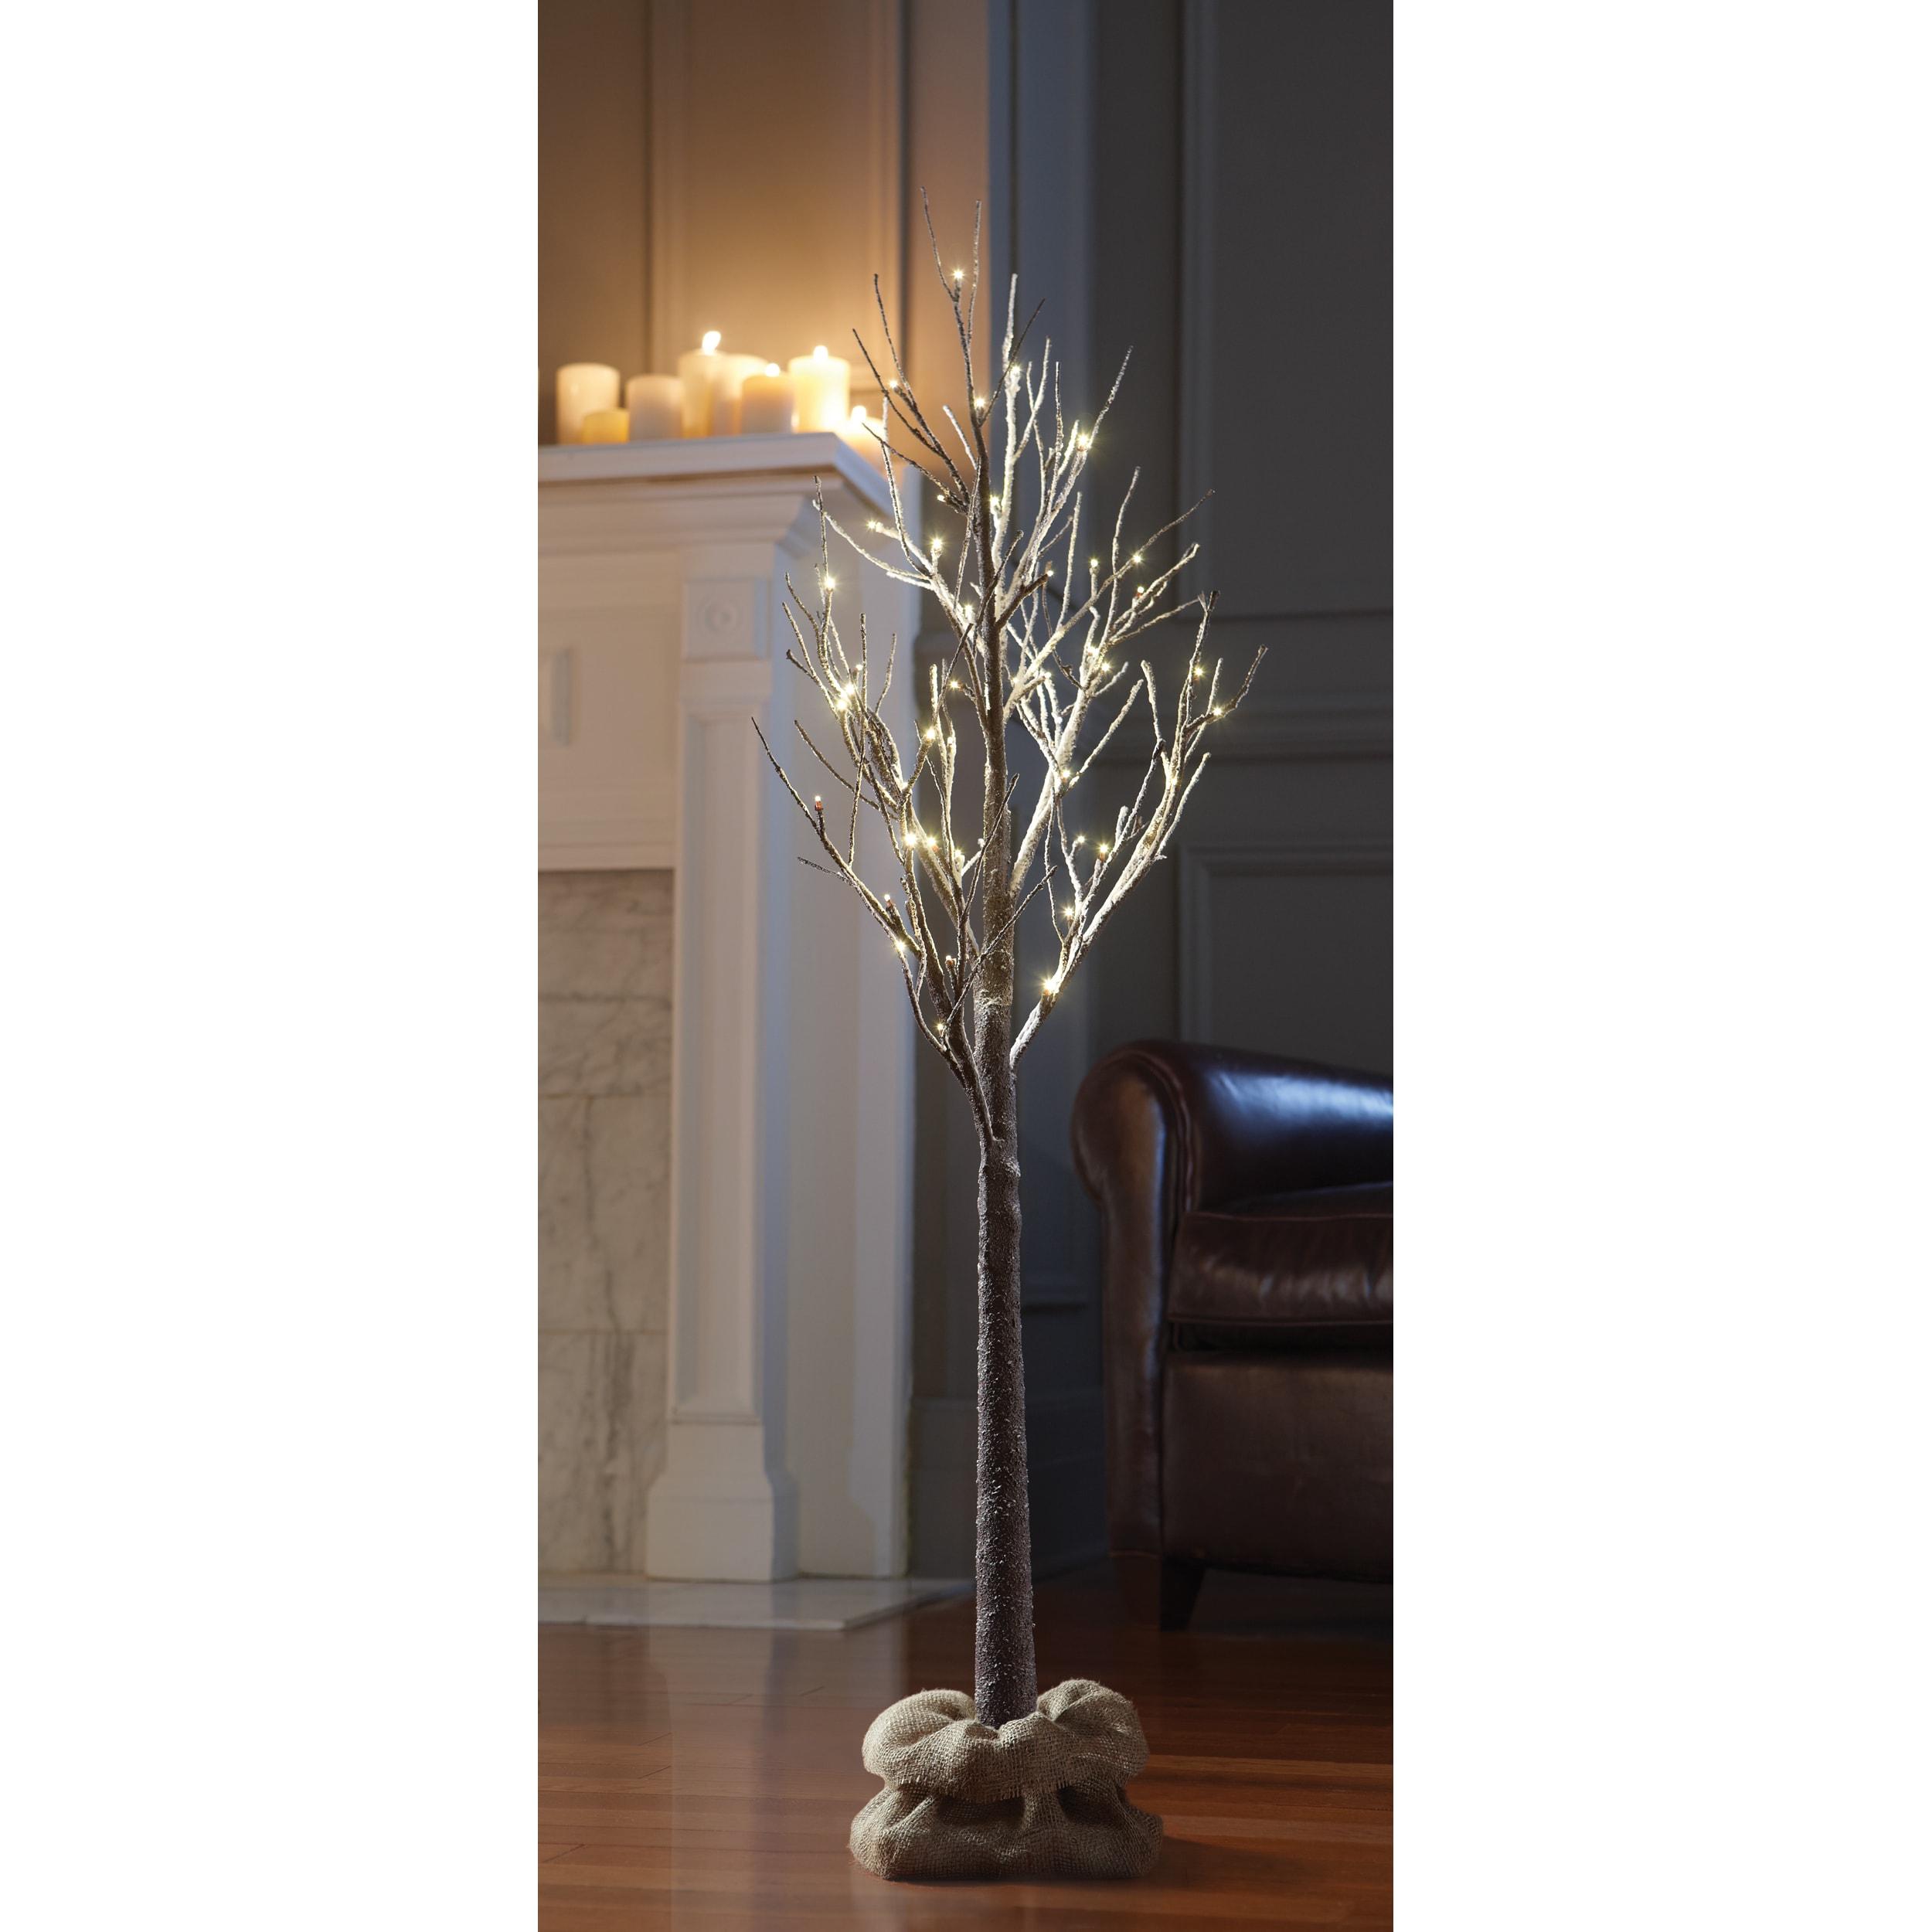 free vectorstock image decor decorative tree vector royalty